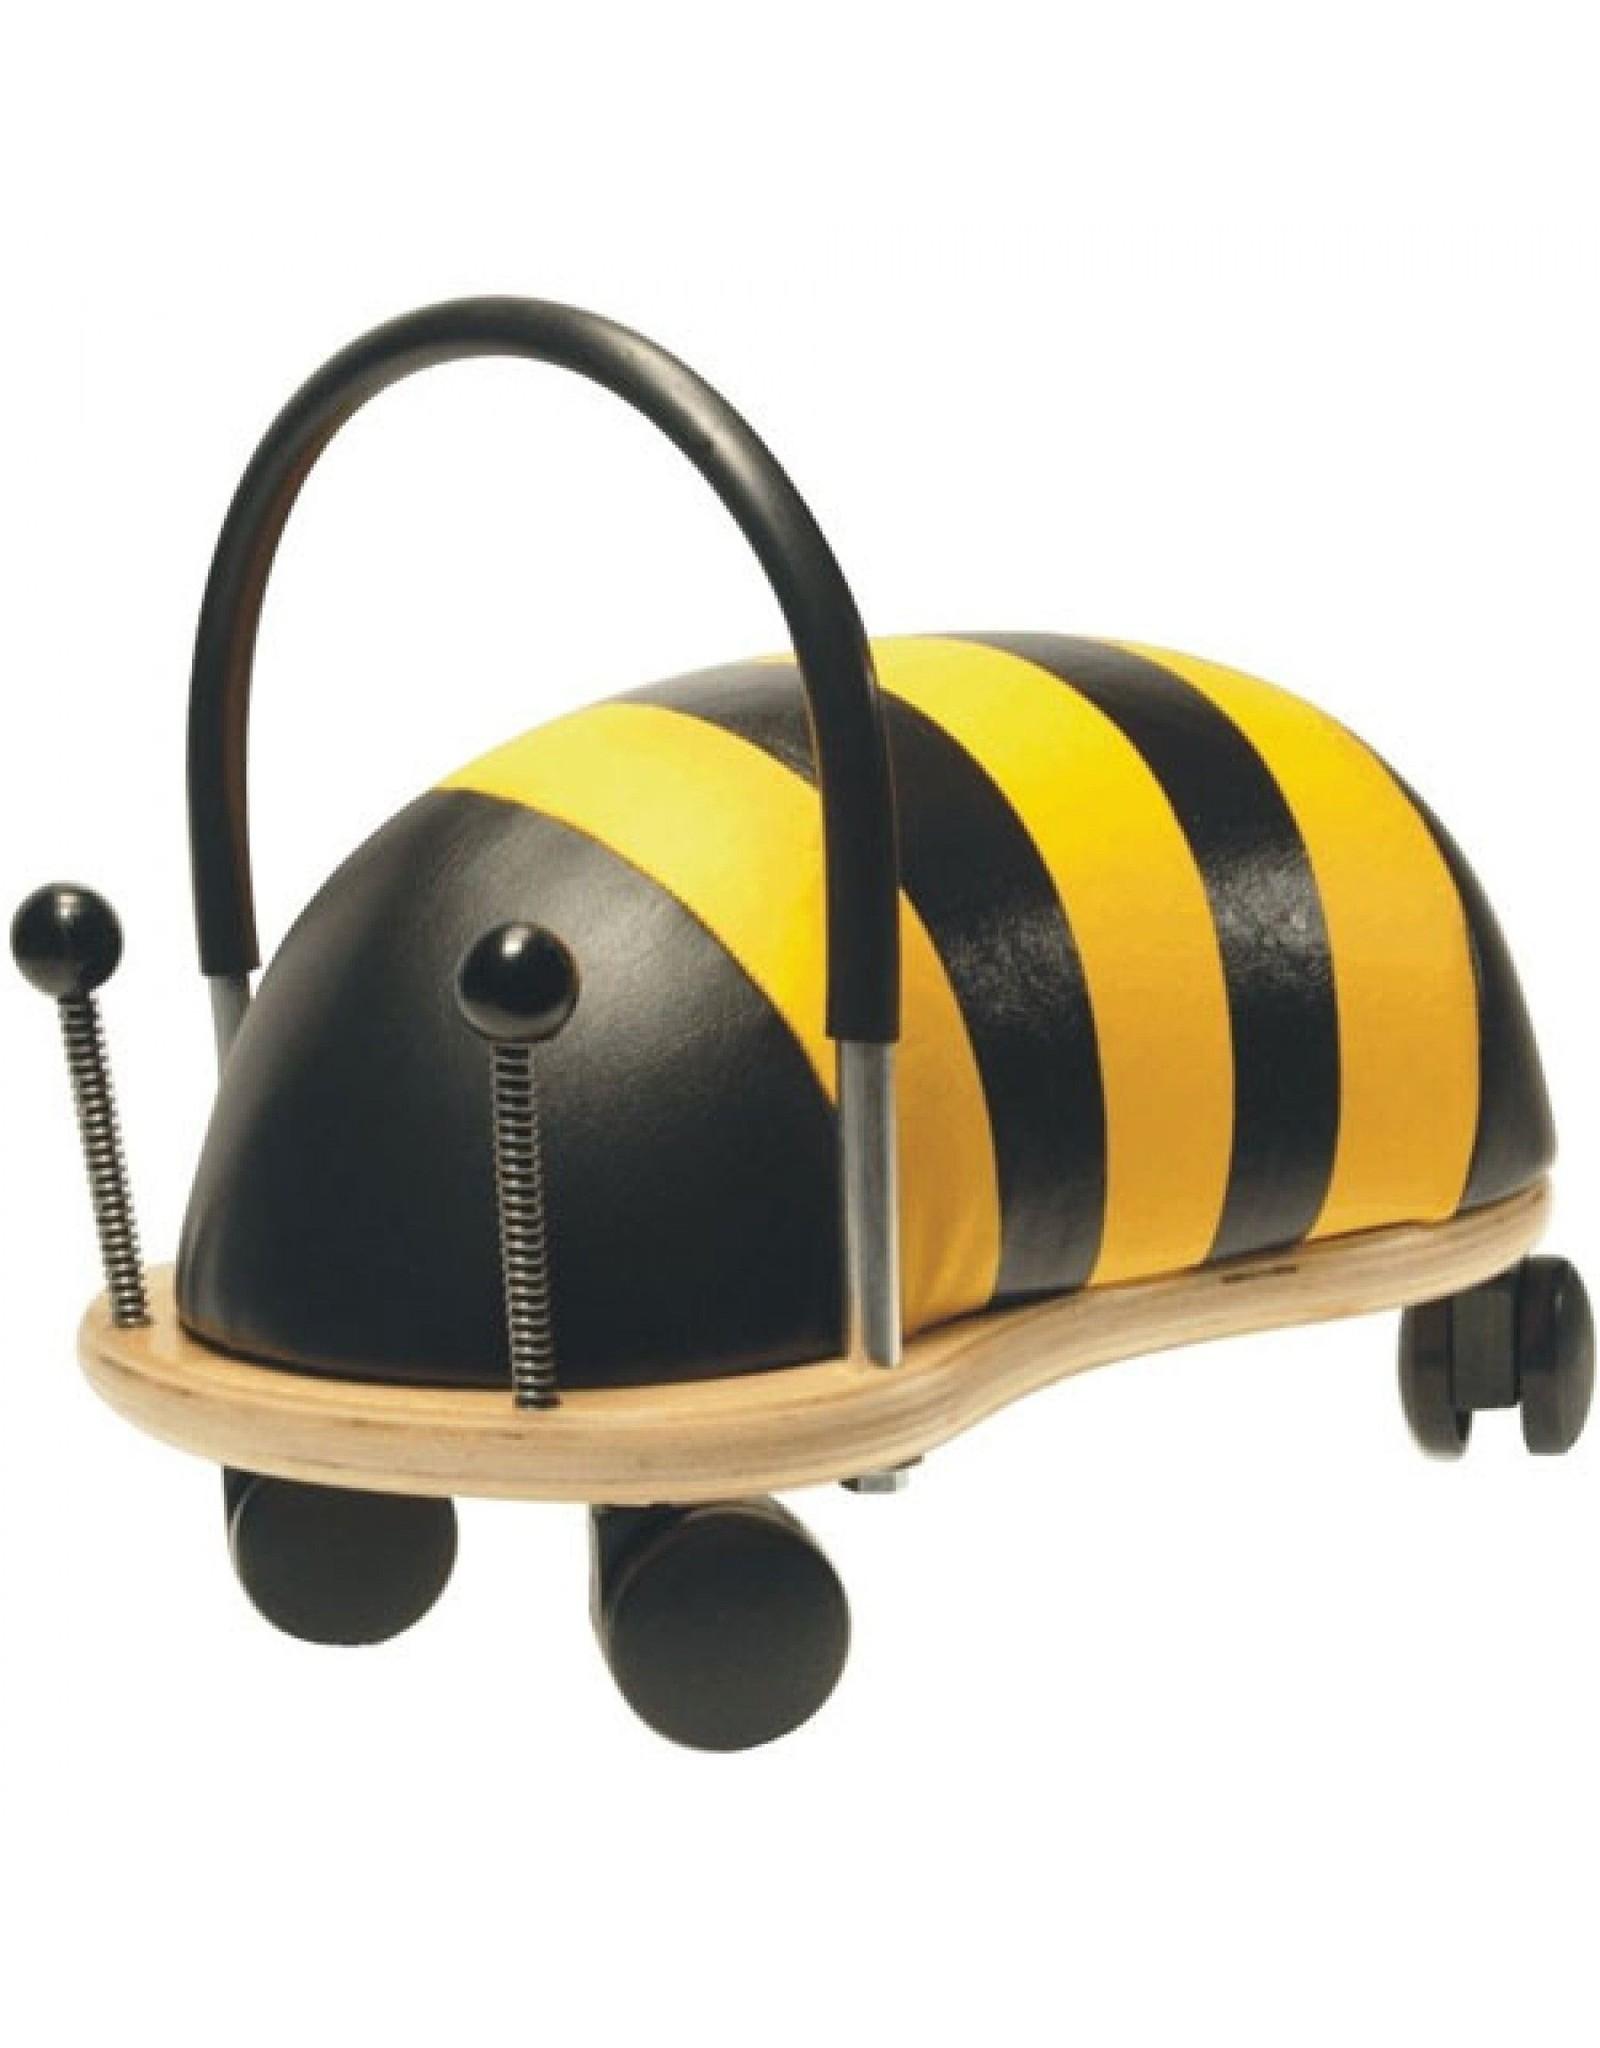 Wheelybug Wheelybug Bijtje